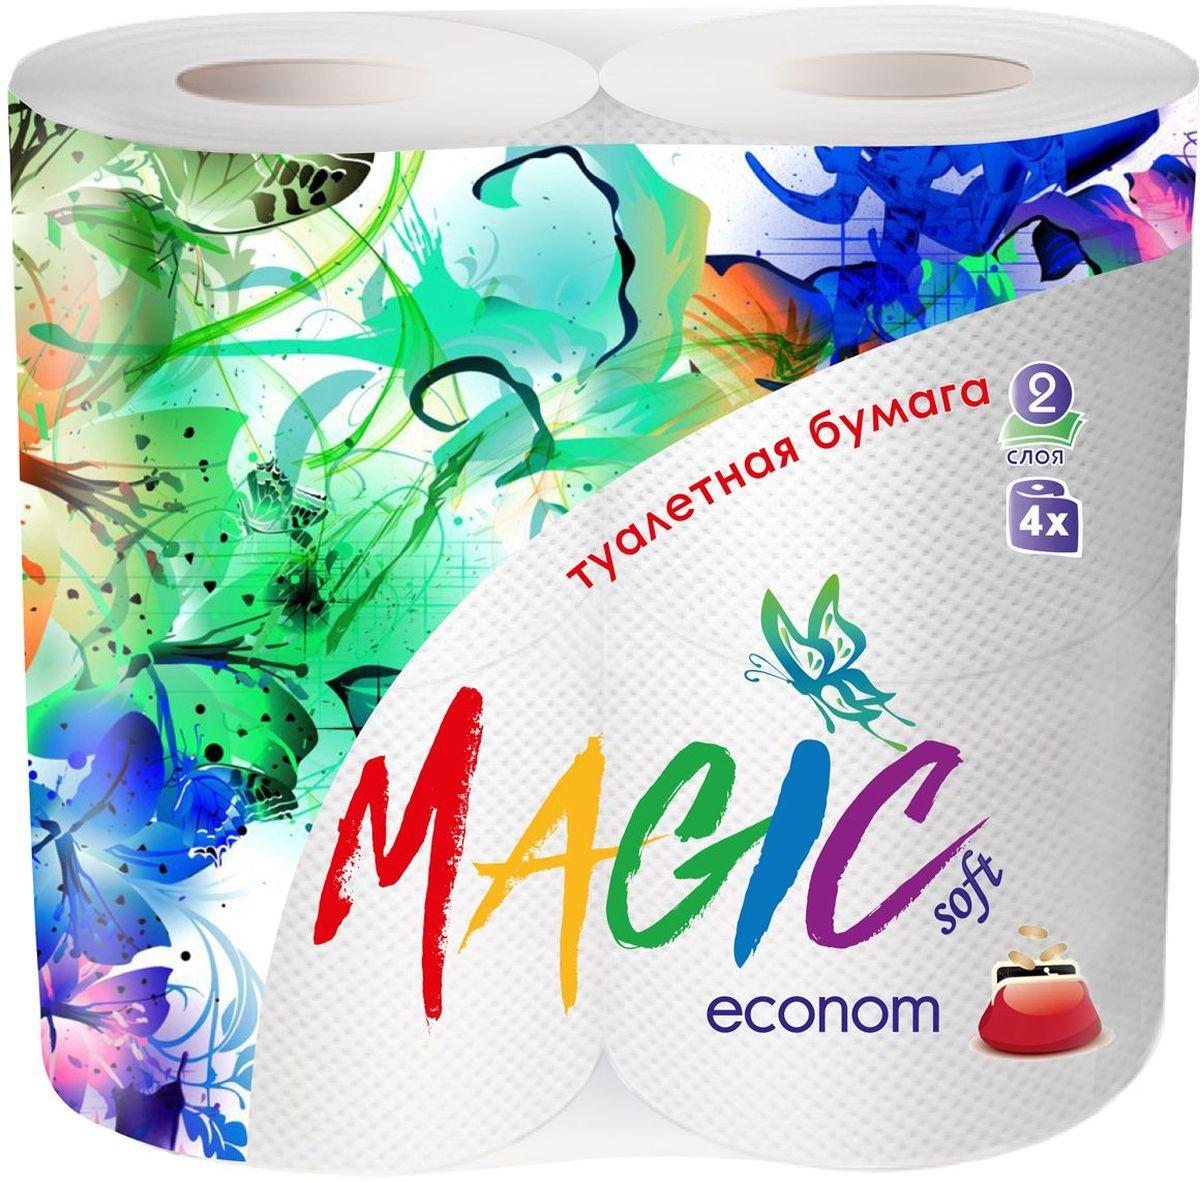 Туалетная бумага Magic Soft Econom, цвет: белый, 4 рулона67742Для бытового и санитарно-гигиенического назначения. Одноразового использования.